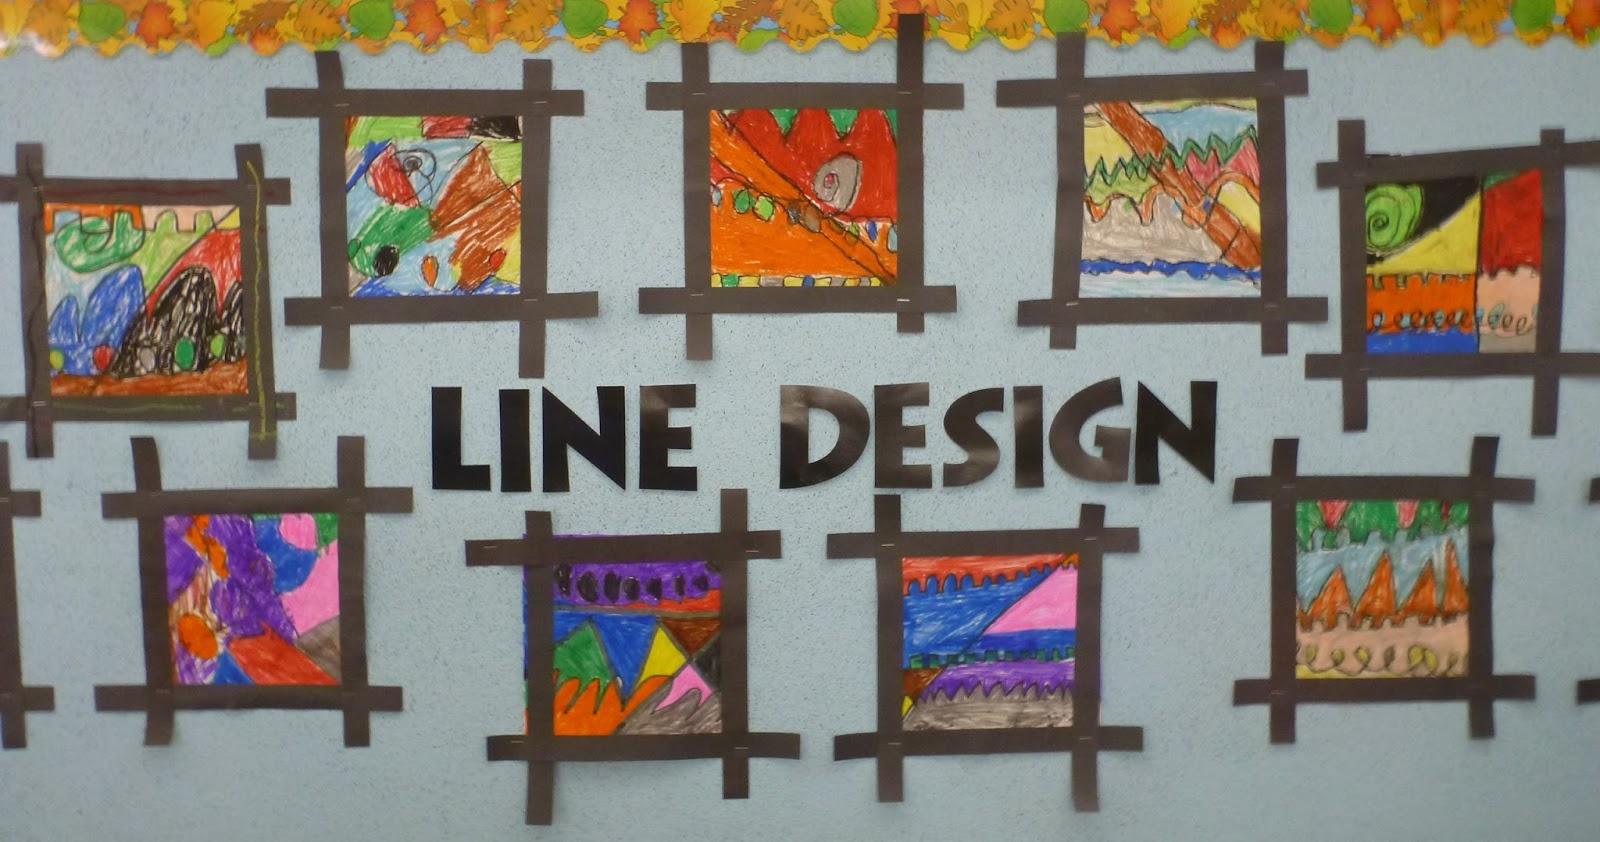 Line Art Grade : Ms cocco s grade class our line design art